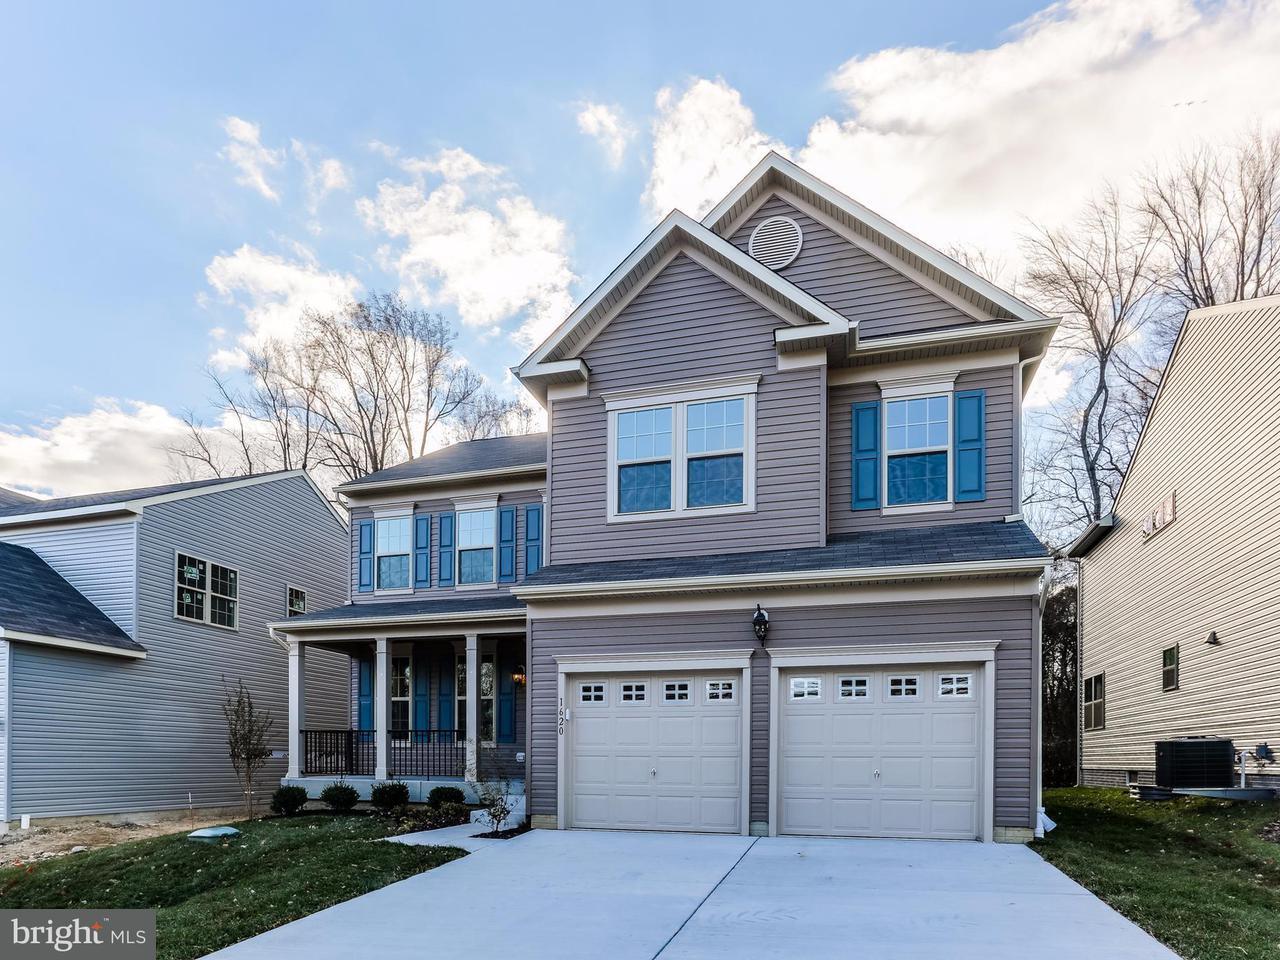 Single Family Home for Sale at 1620 Hekla Lane 1620 Hekla Lane Harmans, Maryland 21077 United States